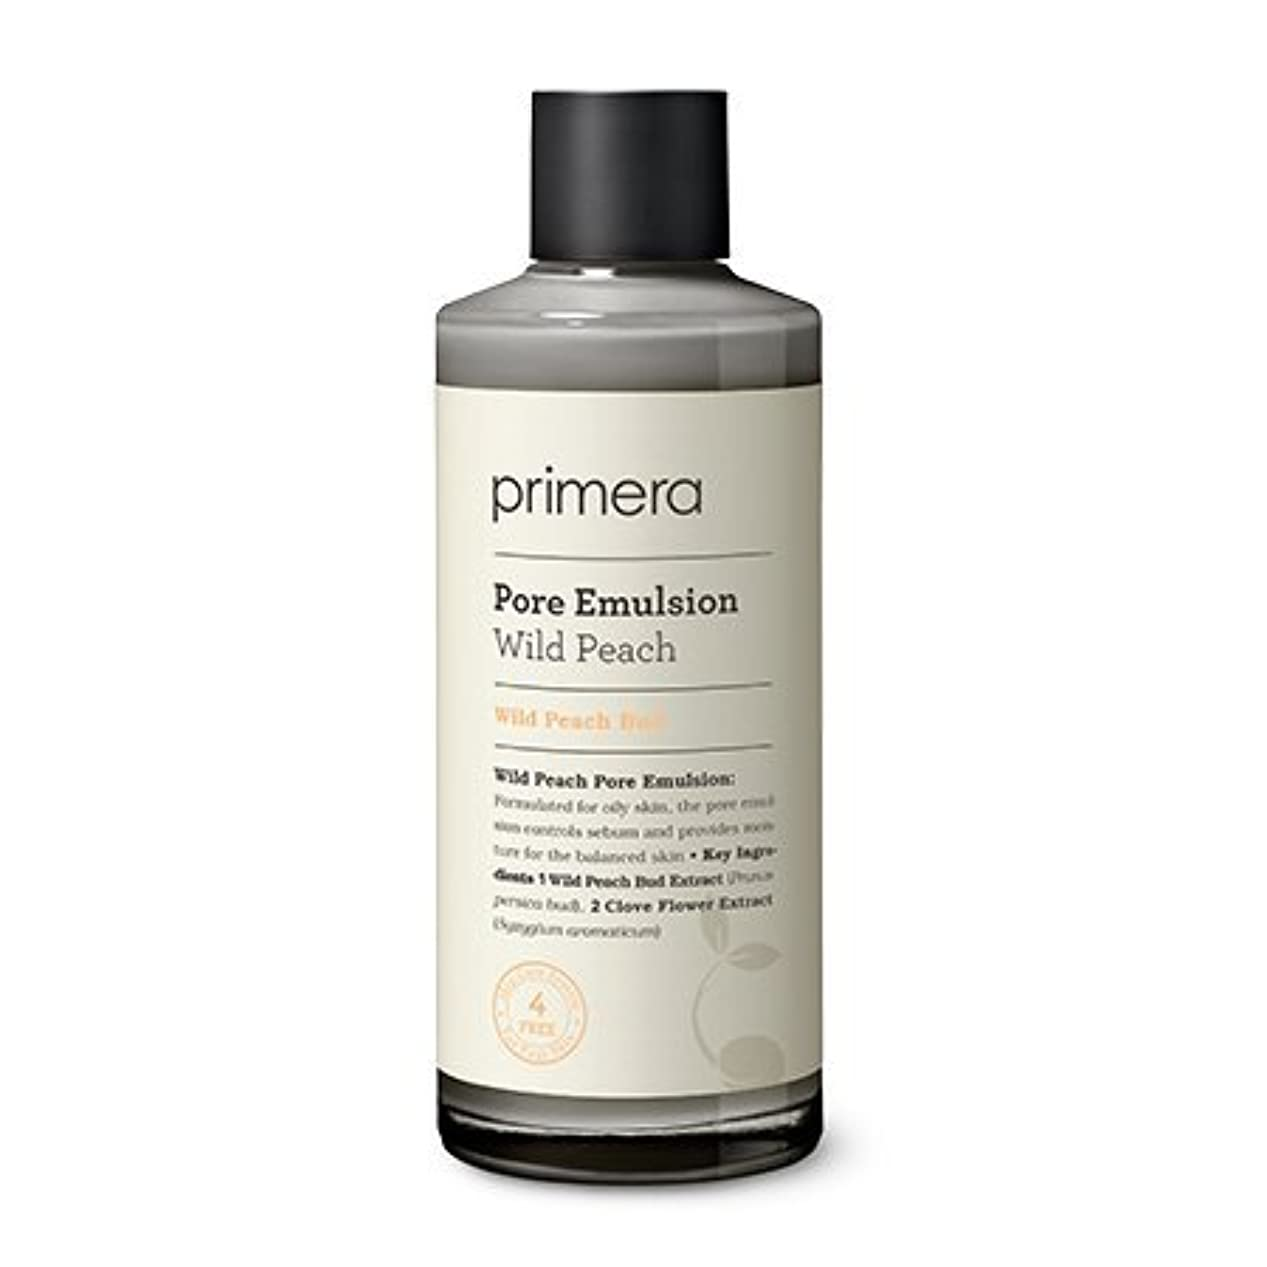 【Primera】Wild Peach Pore Emulsion - 150ml (韓国直送品) (SHOPPINGINSTAGRAM)